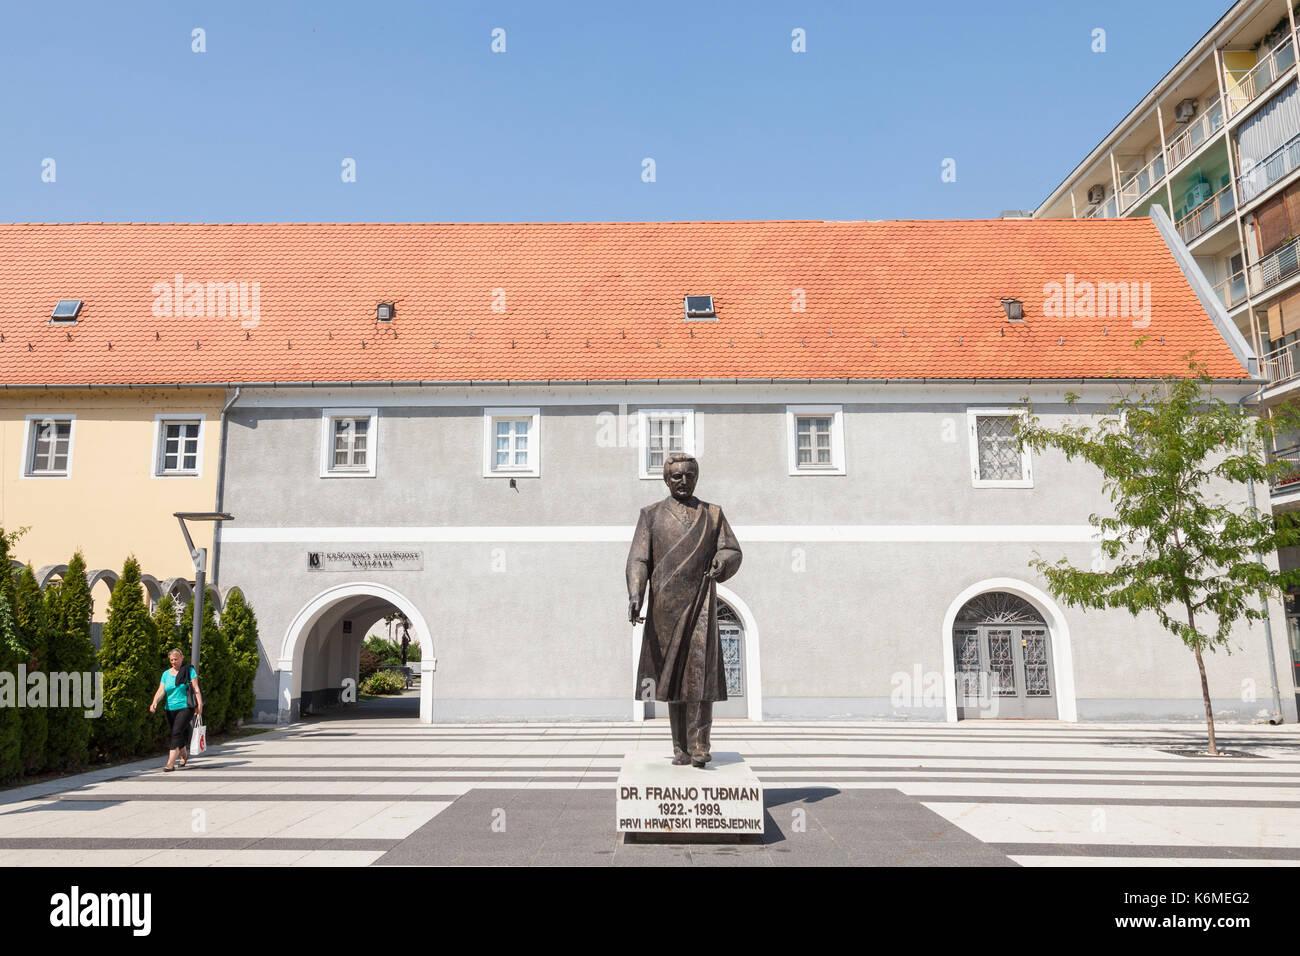 Osijek, Croatie - le 26 août 2017: femme passant d'une statue de Franjo Tudman. Franjo Tudjman a été le premier président de la Croatie, au cours des années 90, fra Photo Stock